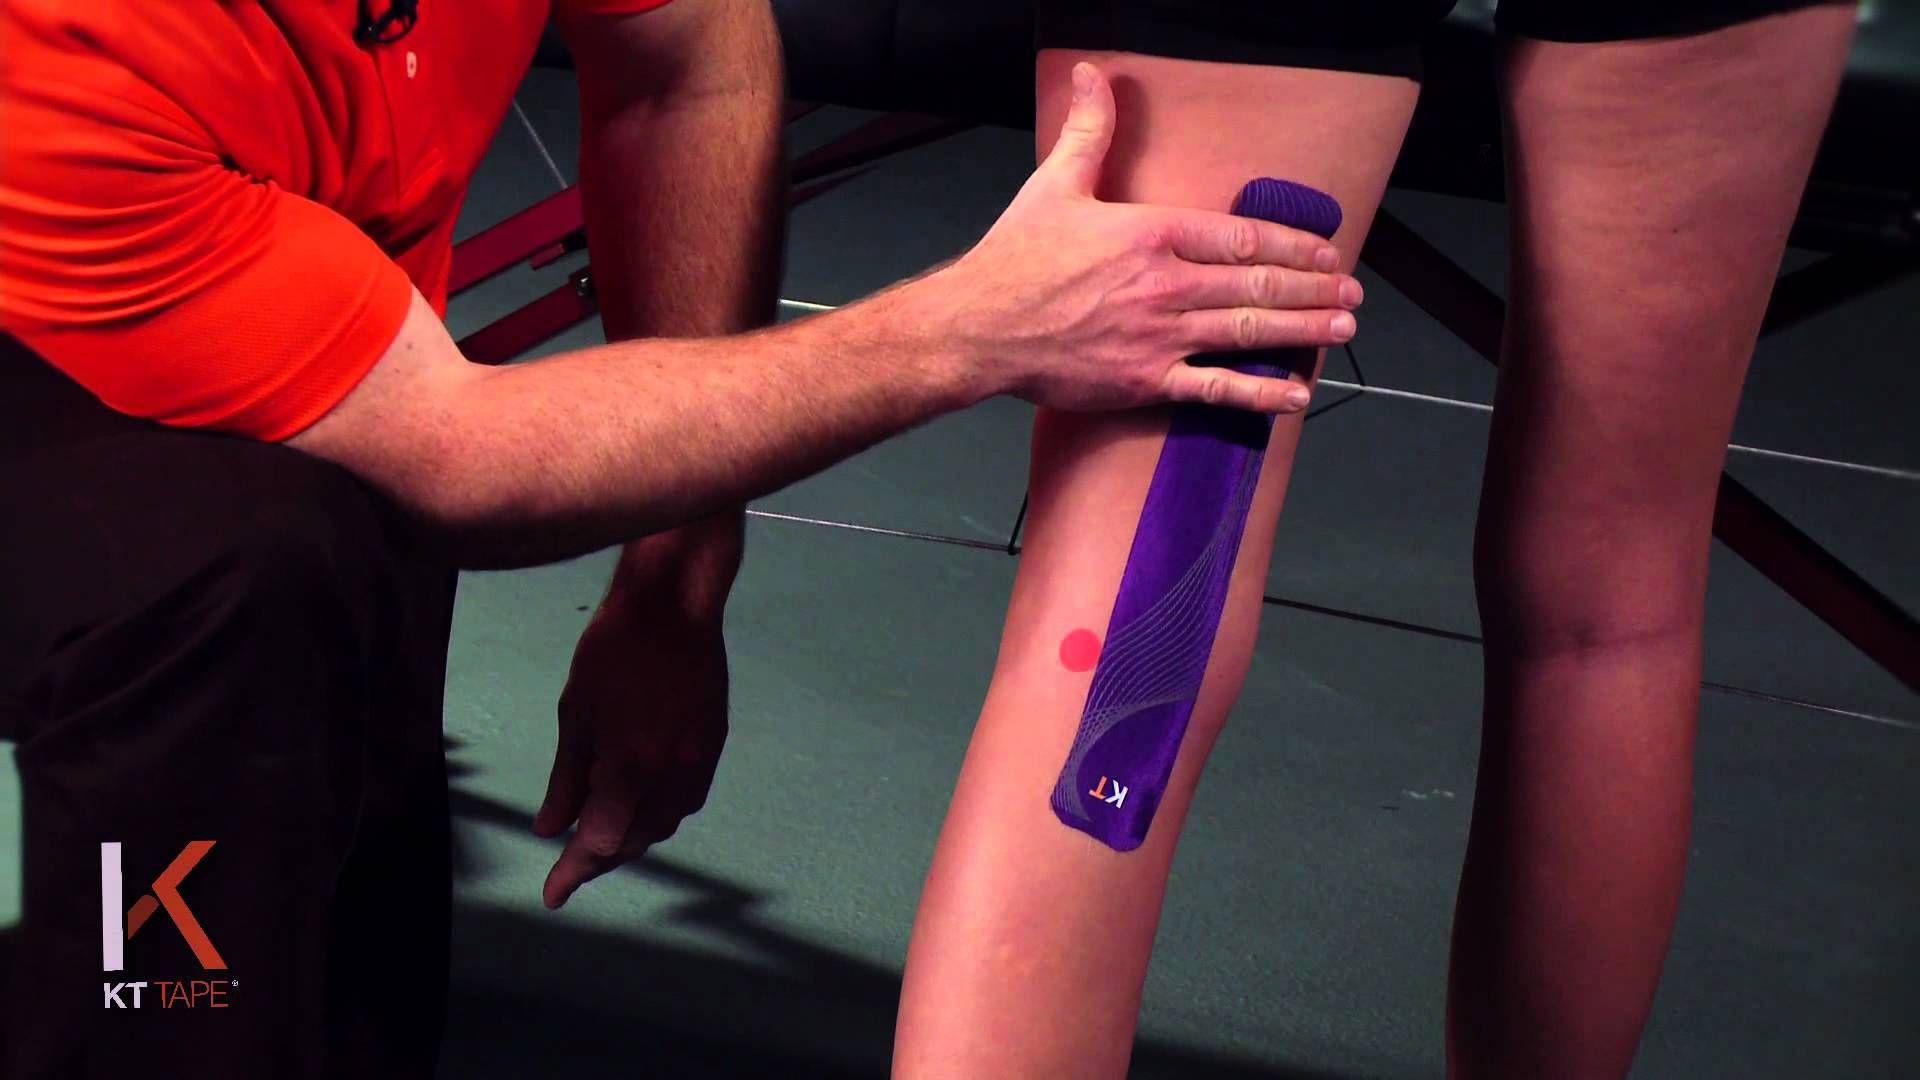 Kt Tape Back Of Knee Hamstring Tendon Curve Appeal Pinterest